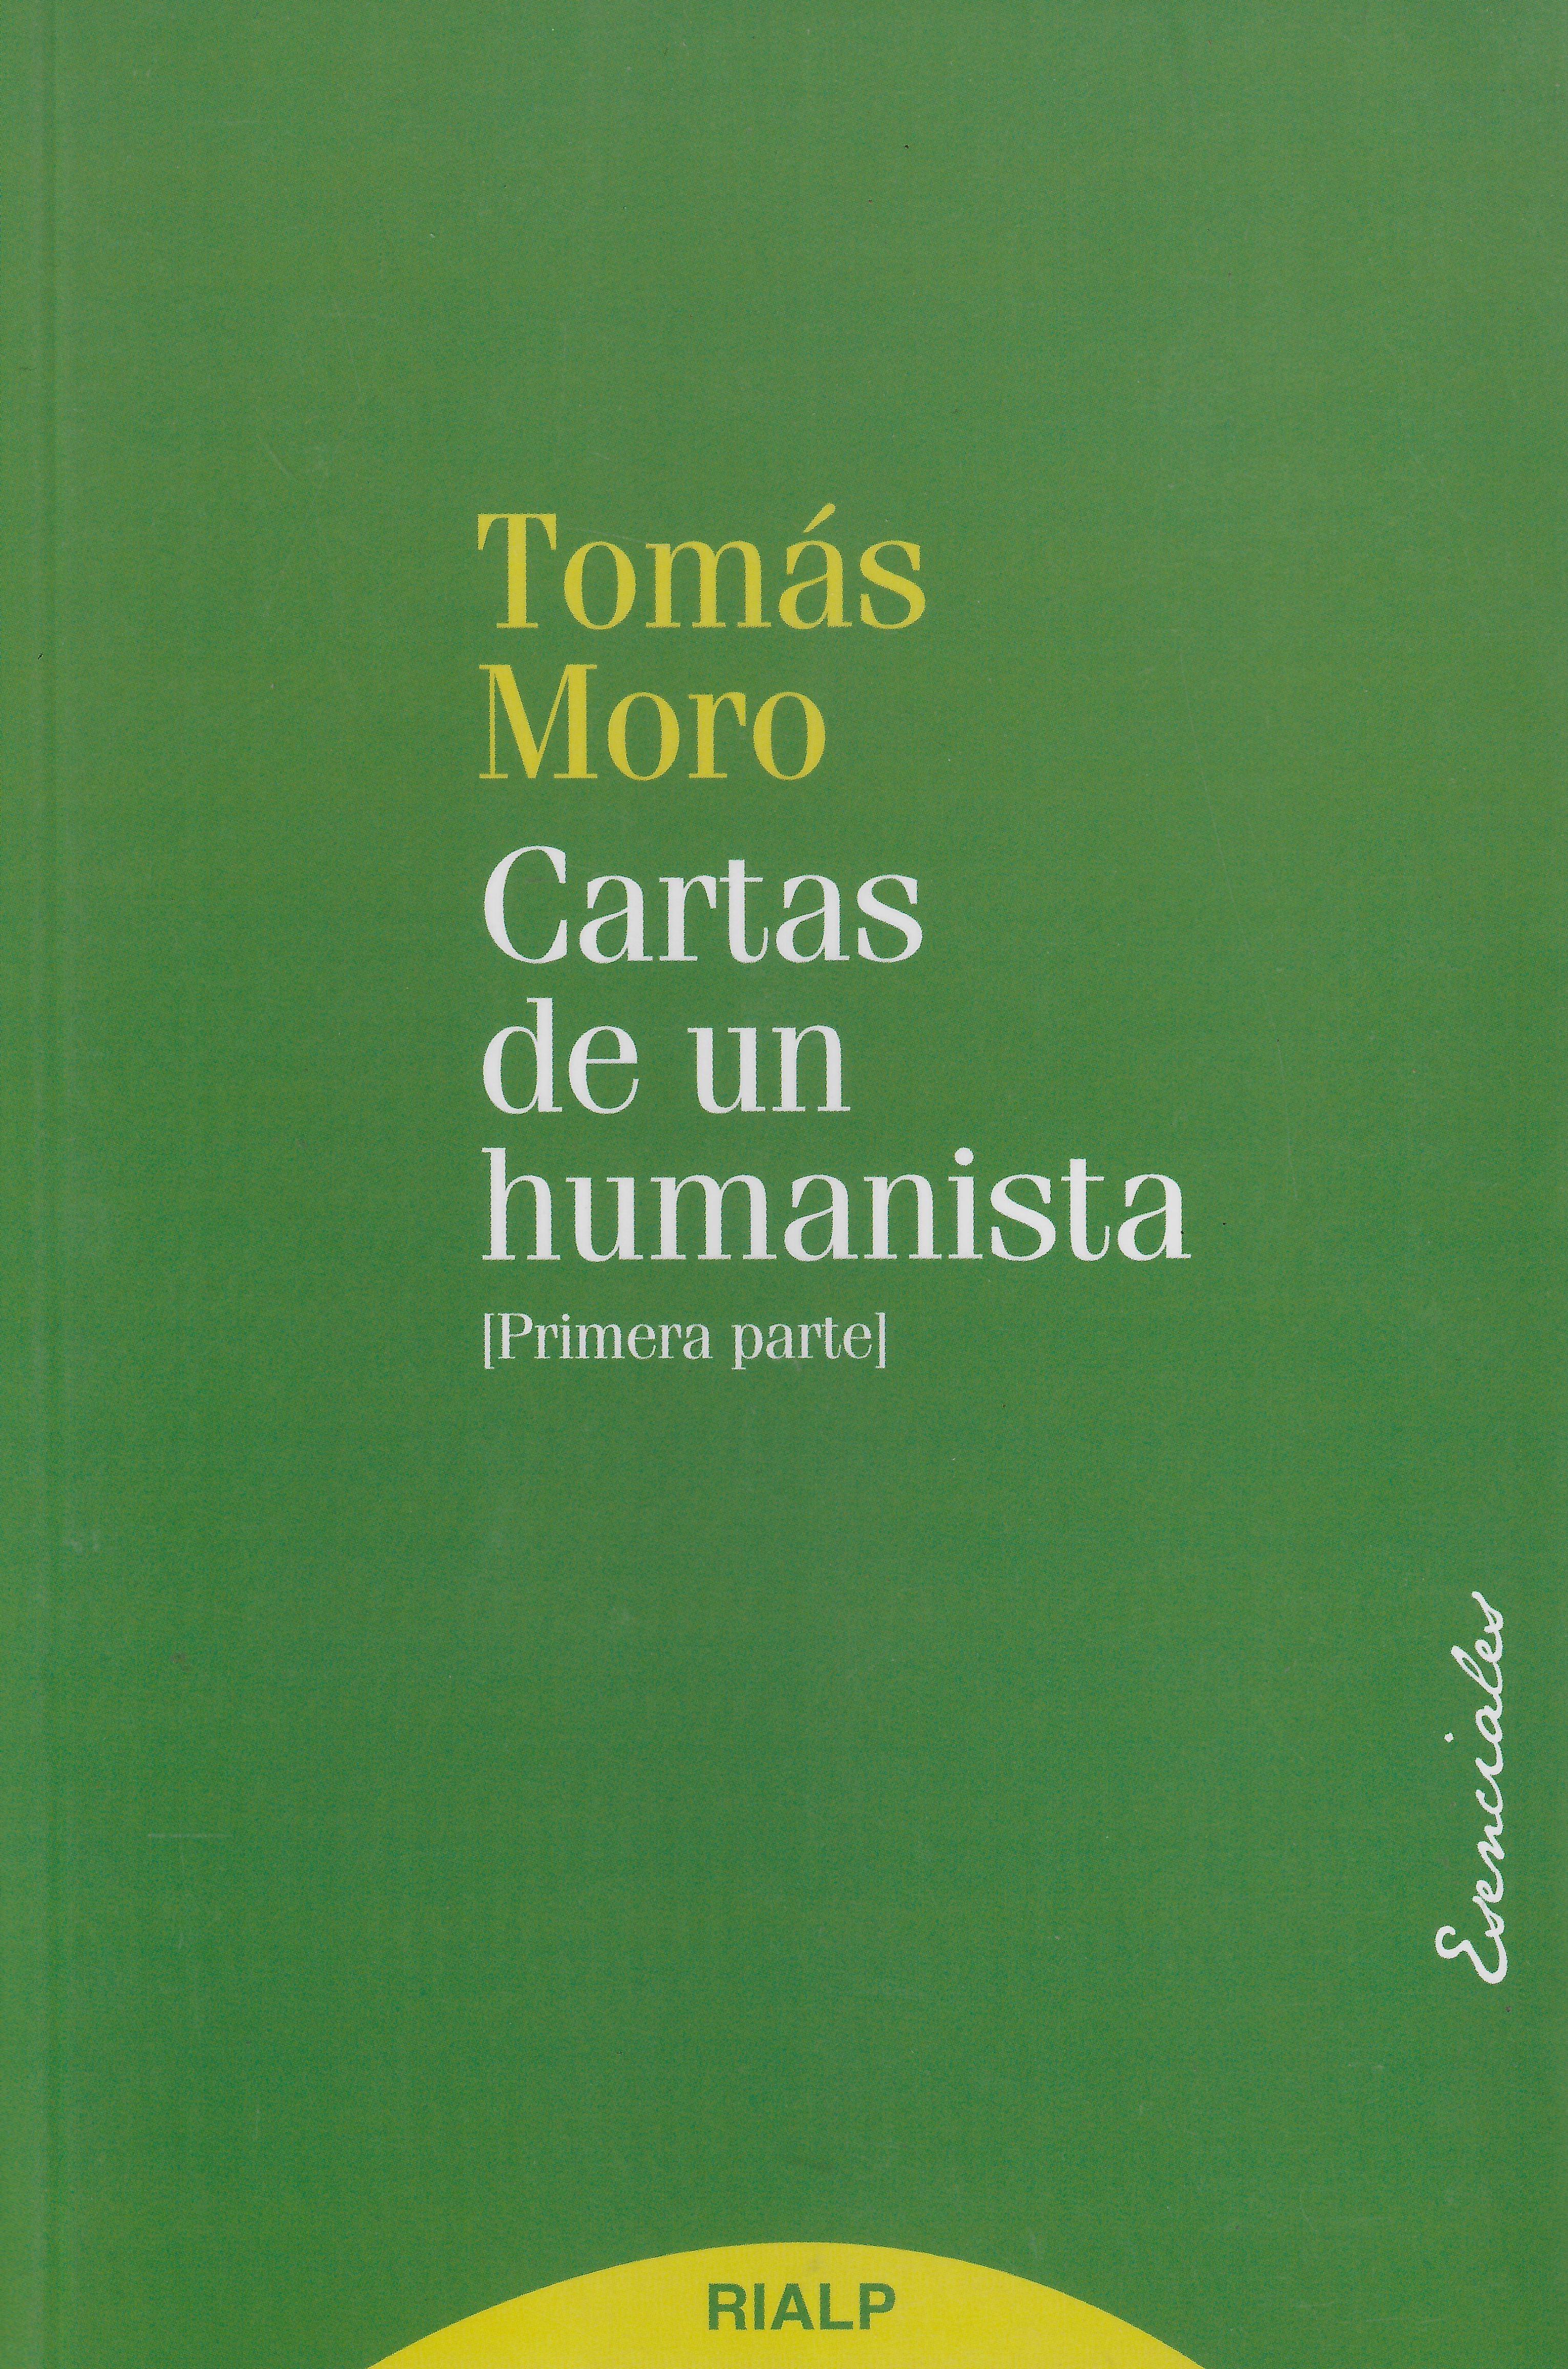 Cartas de un humanista (primera parte)